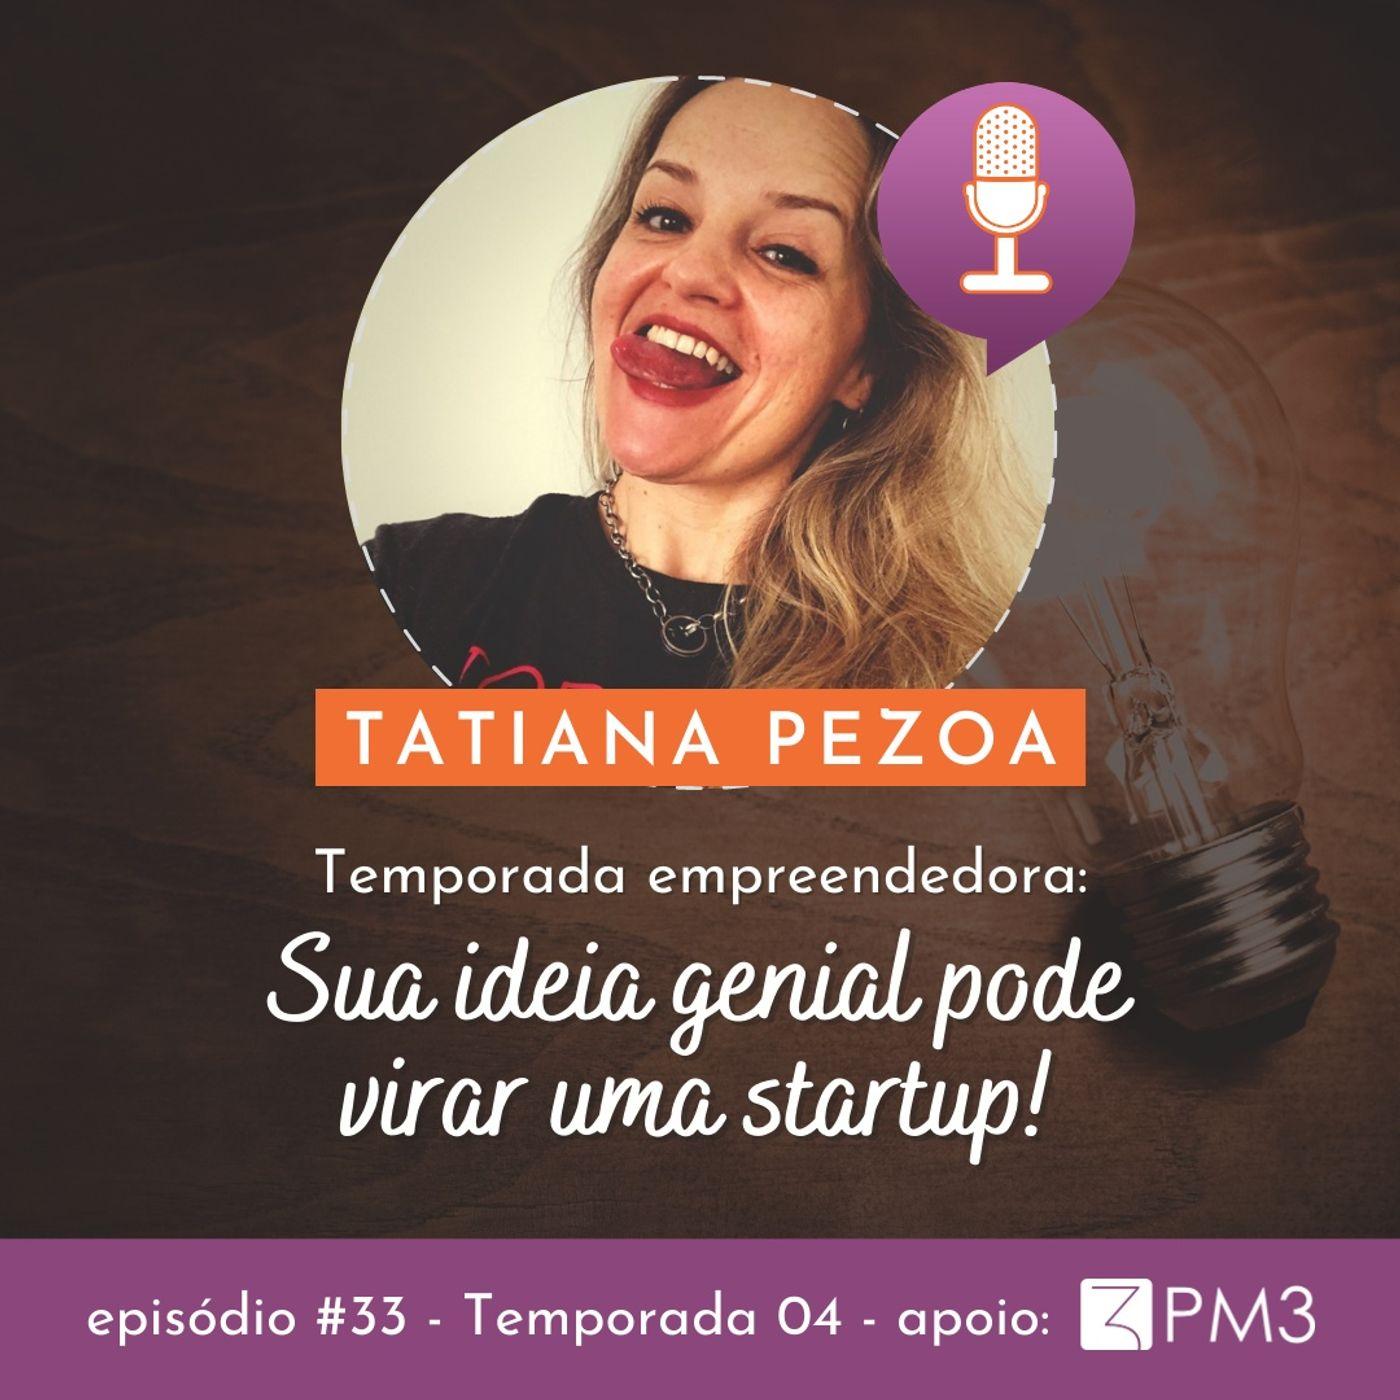 #33 - Sua idéia genial pode virar uma startup! com Tati Pezoa